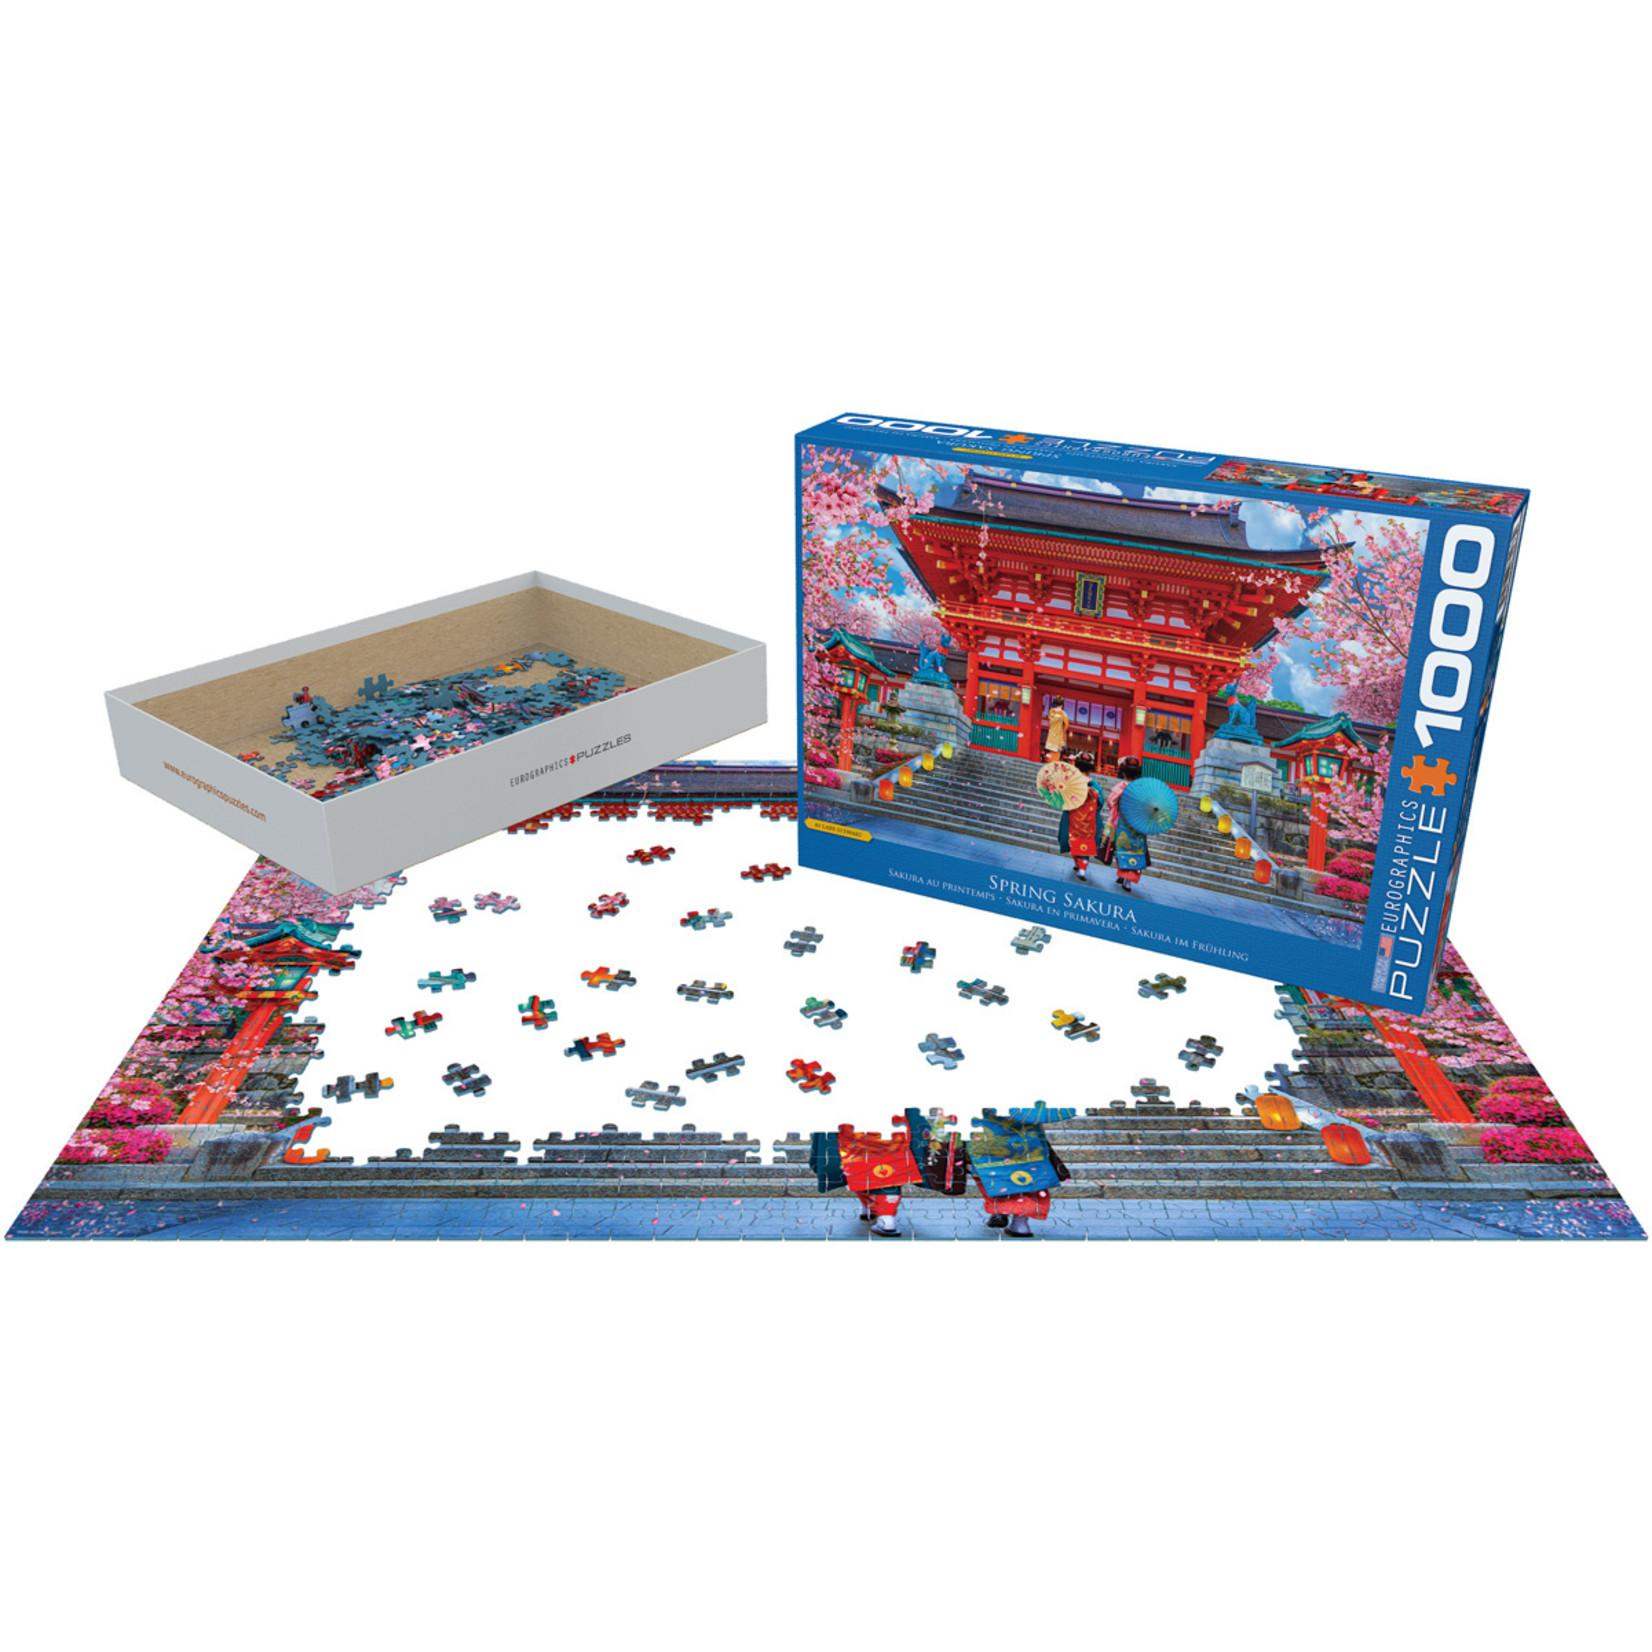 EuroGraphics Puzzles Spring Sakura Asia House 1000pc